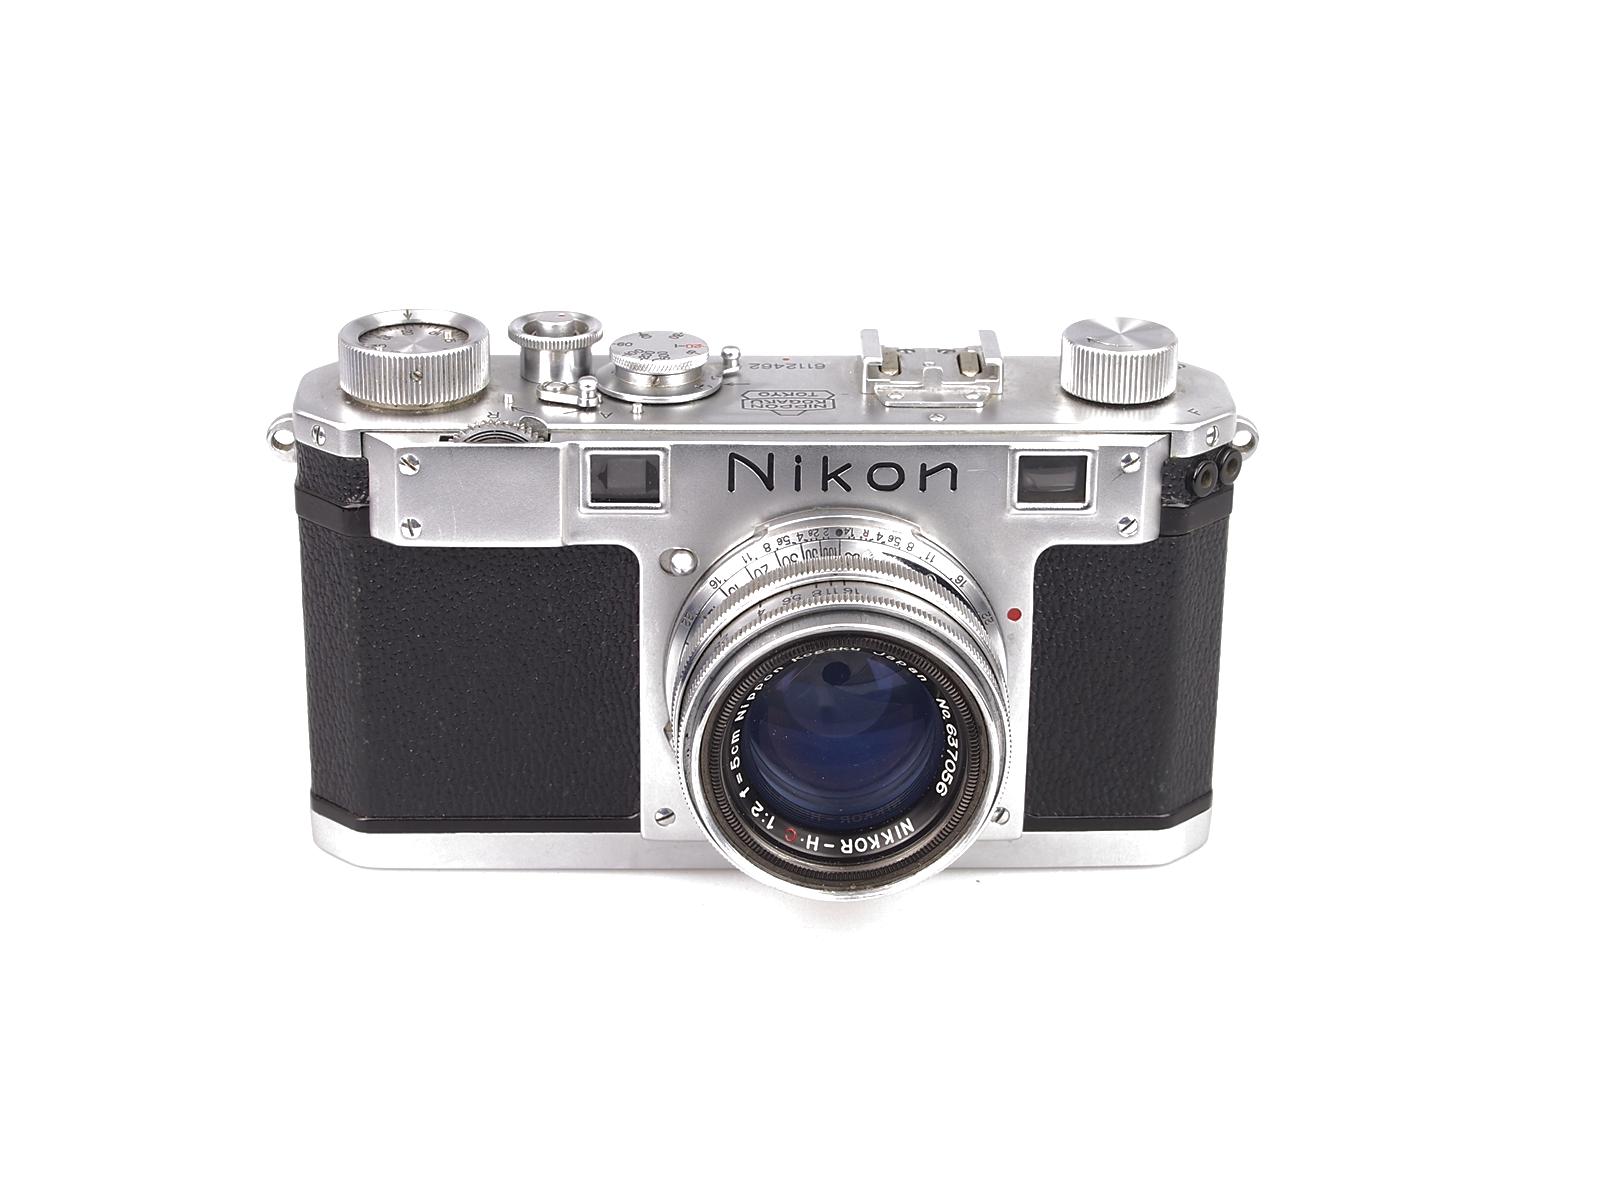 Iphone Entfernungsmesser Nikon : Iphone entfernungsmesser nikon: aktuelle angebote kaufroboter die